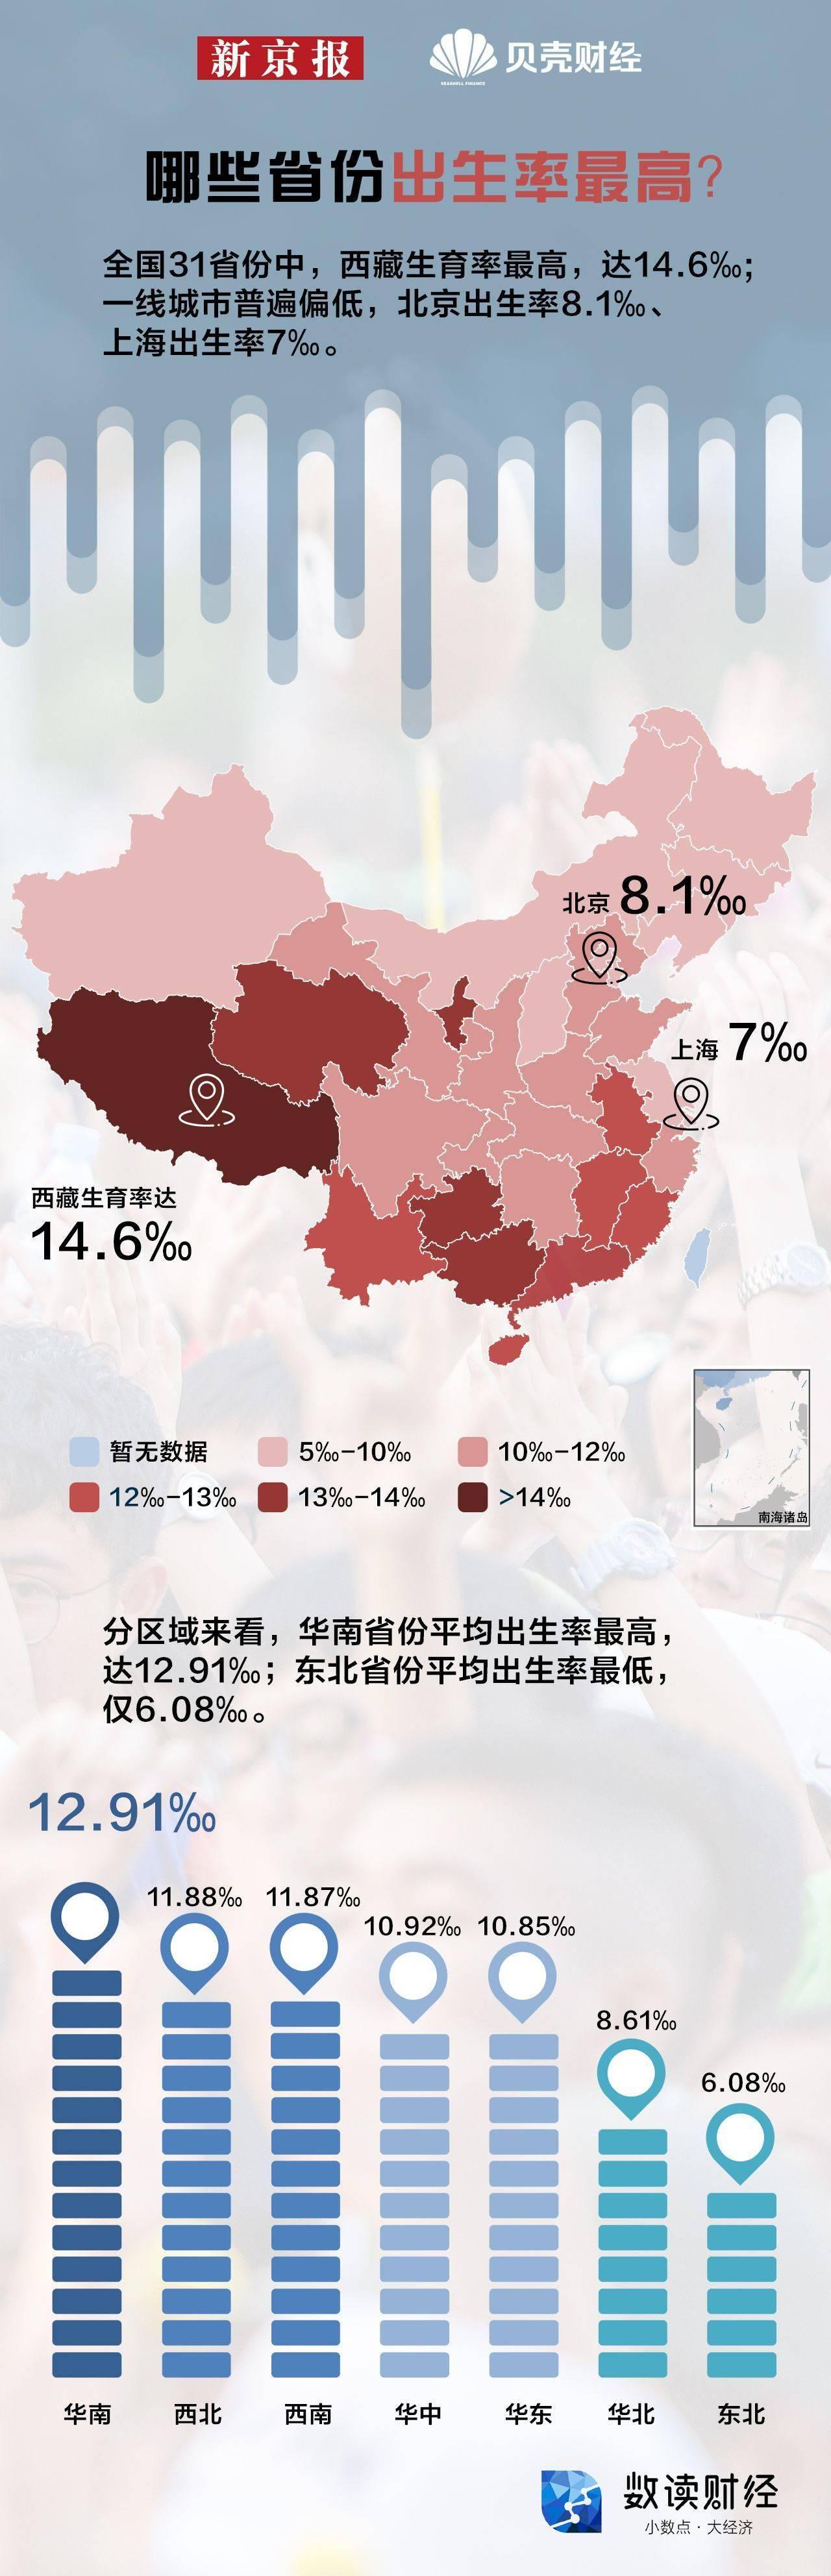 哪些省份的人最愿意生孩子 西藏生育率最高摘得桂冠